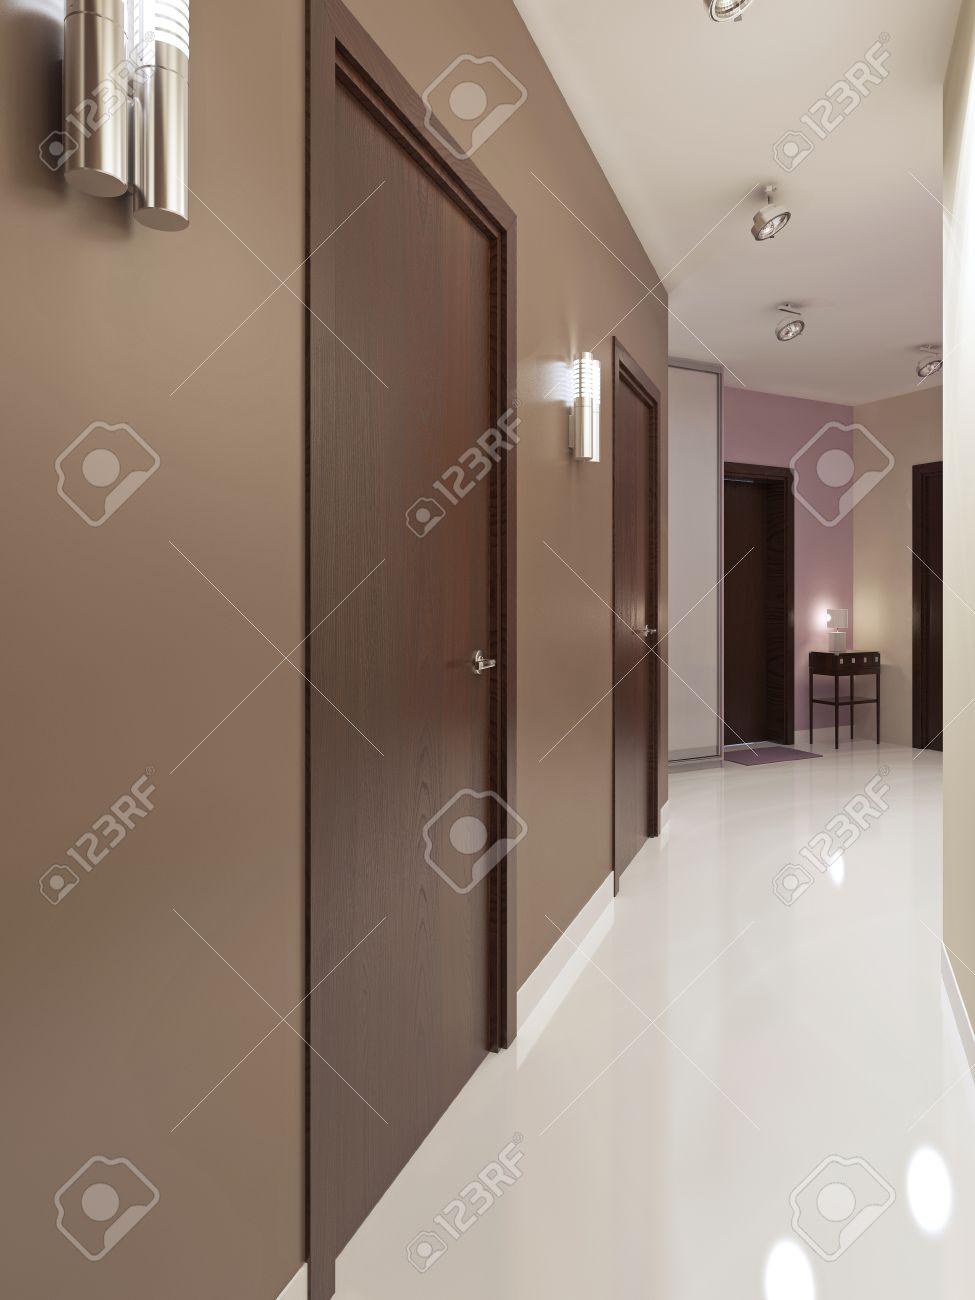 hall d'entrée de style contemporain. couloir étroit avec le blanc